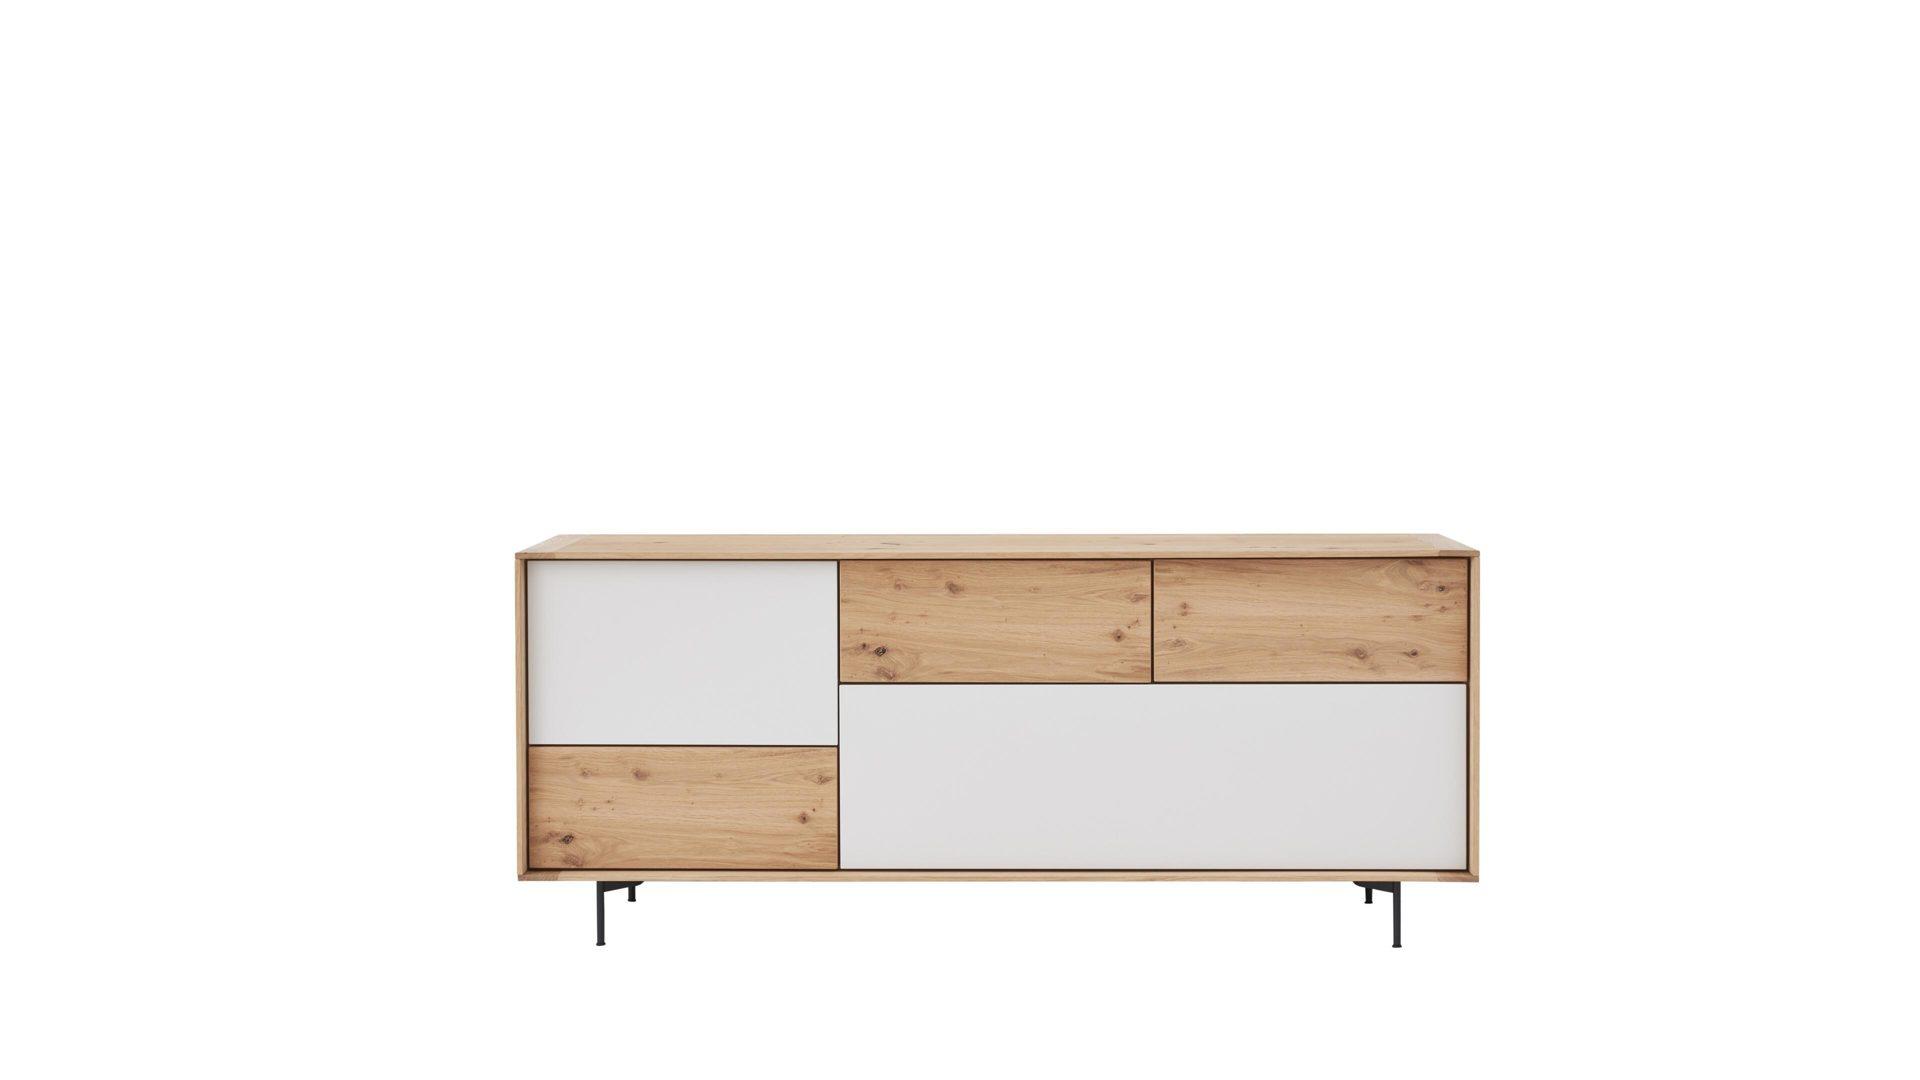 Interliving Esszimmer Serie 5602 Sideboard Helle Wildeiche Lichtgraue Lackoberflächen Zwei Klappen Drei Schubladen